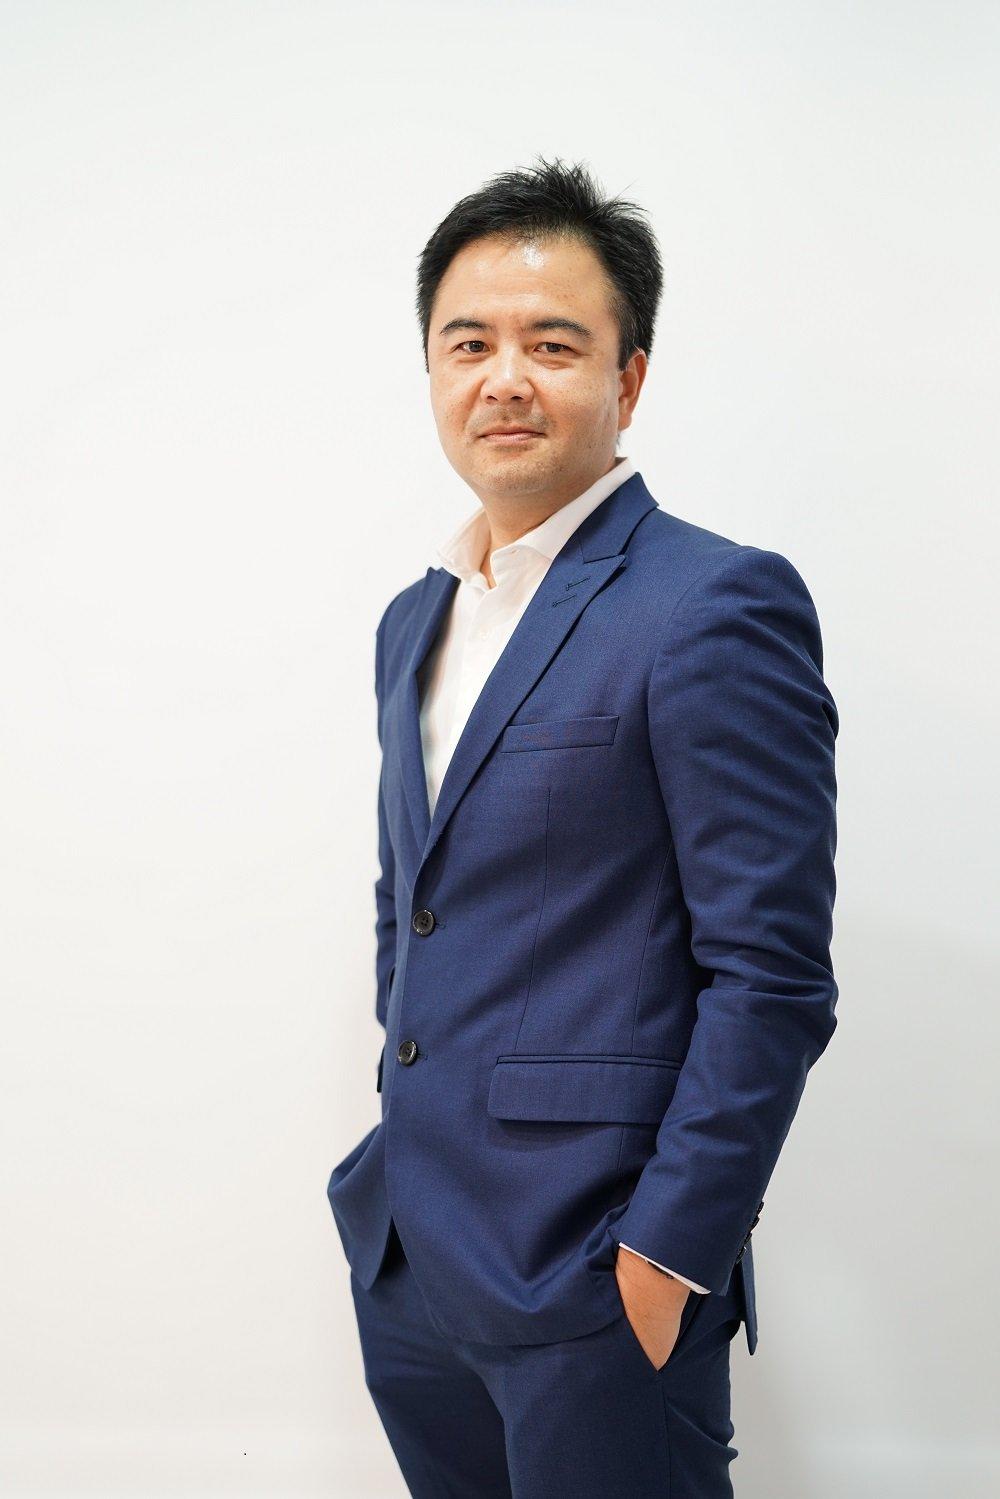 dr.tharaputhmaat